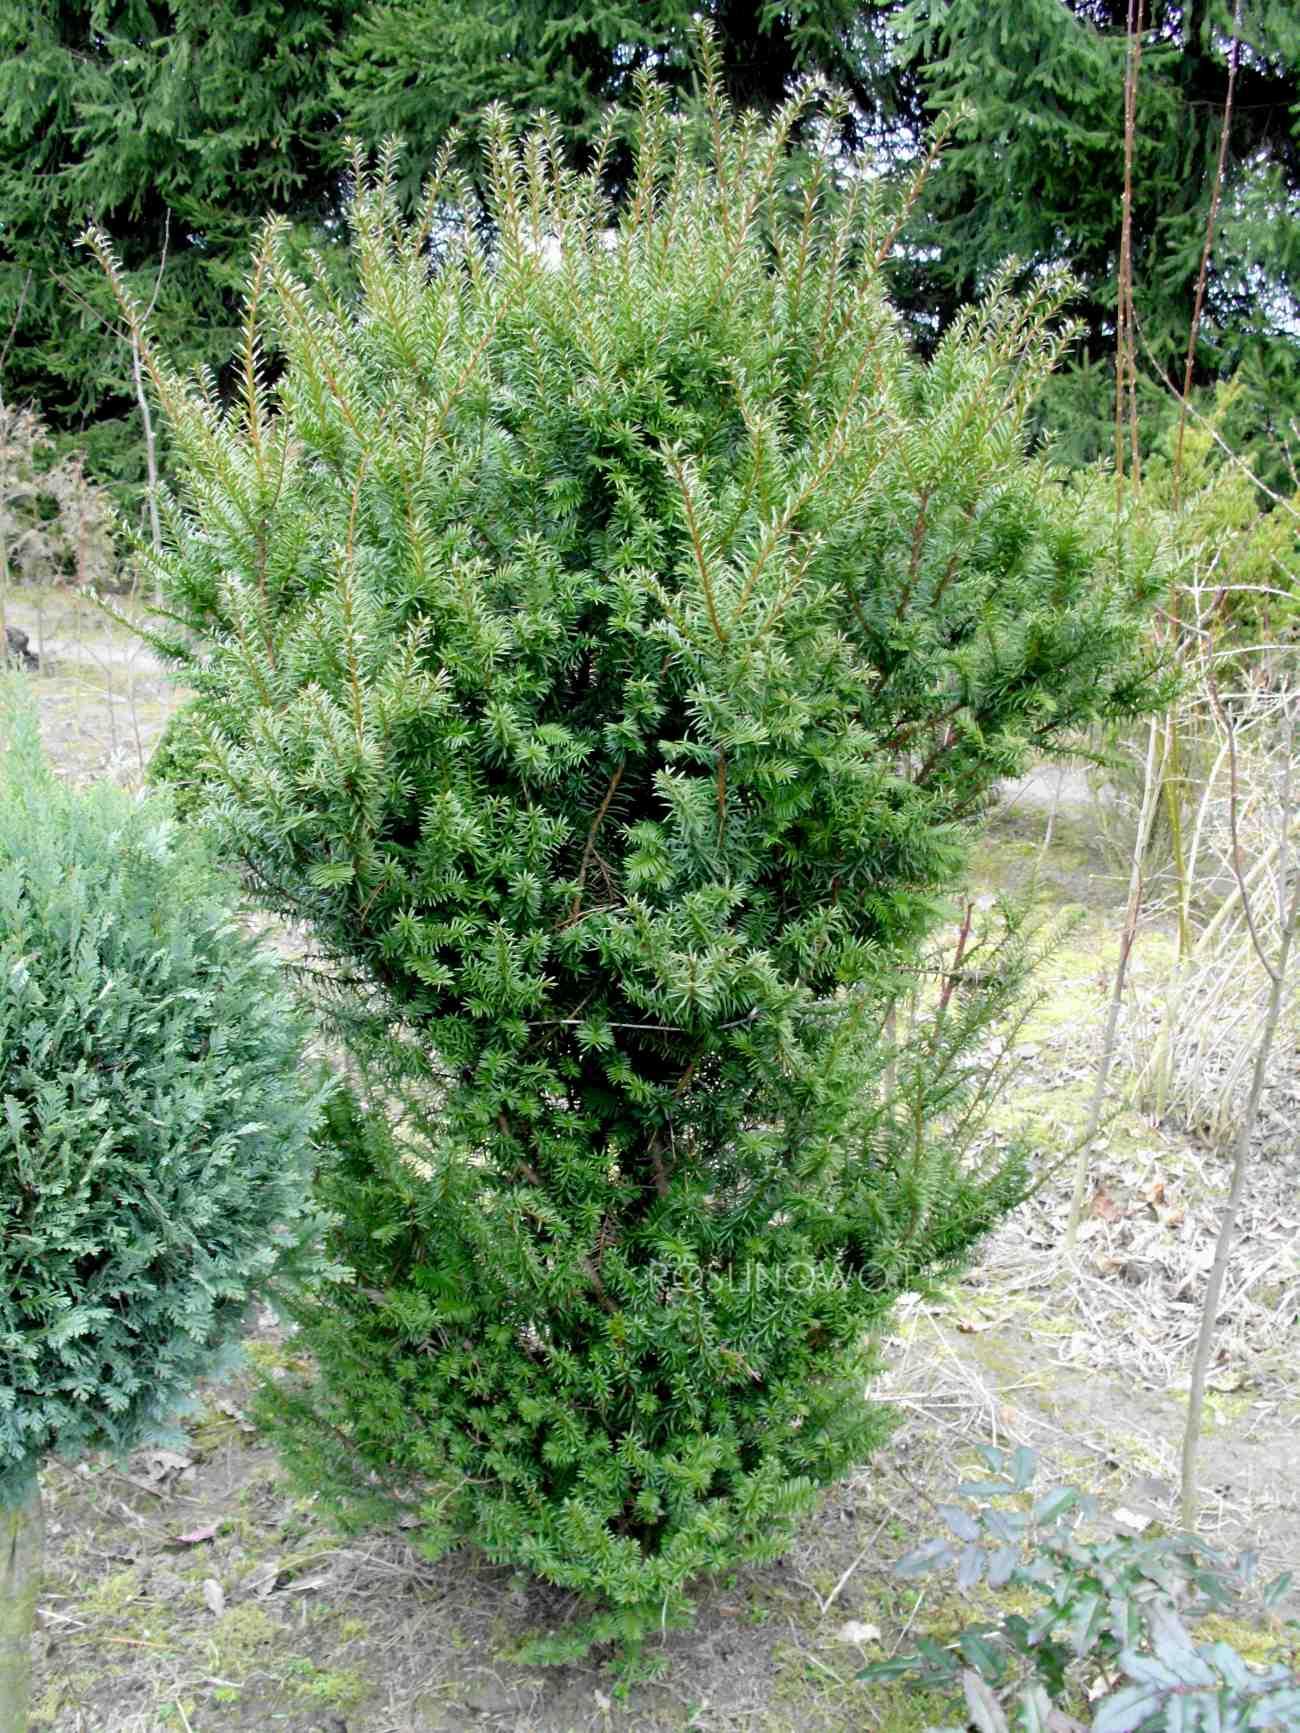 cis pośredni - iglasty krzew ozdobny dorastający do 6 metrów wysokości wytwarzający dekoracyjne owoce